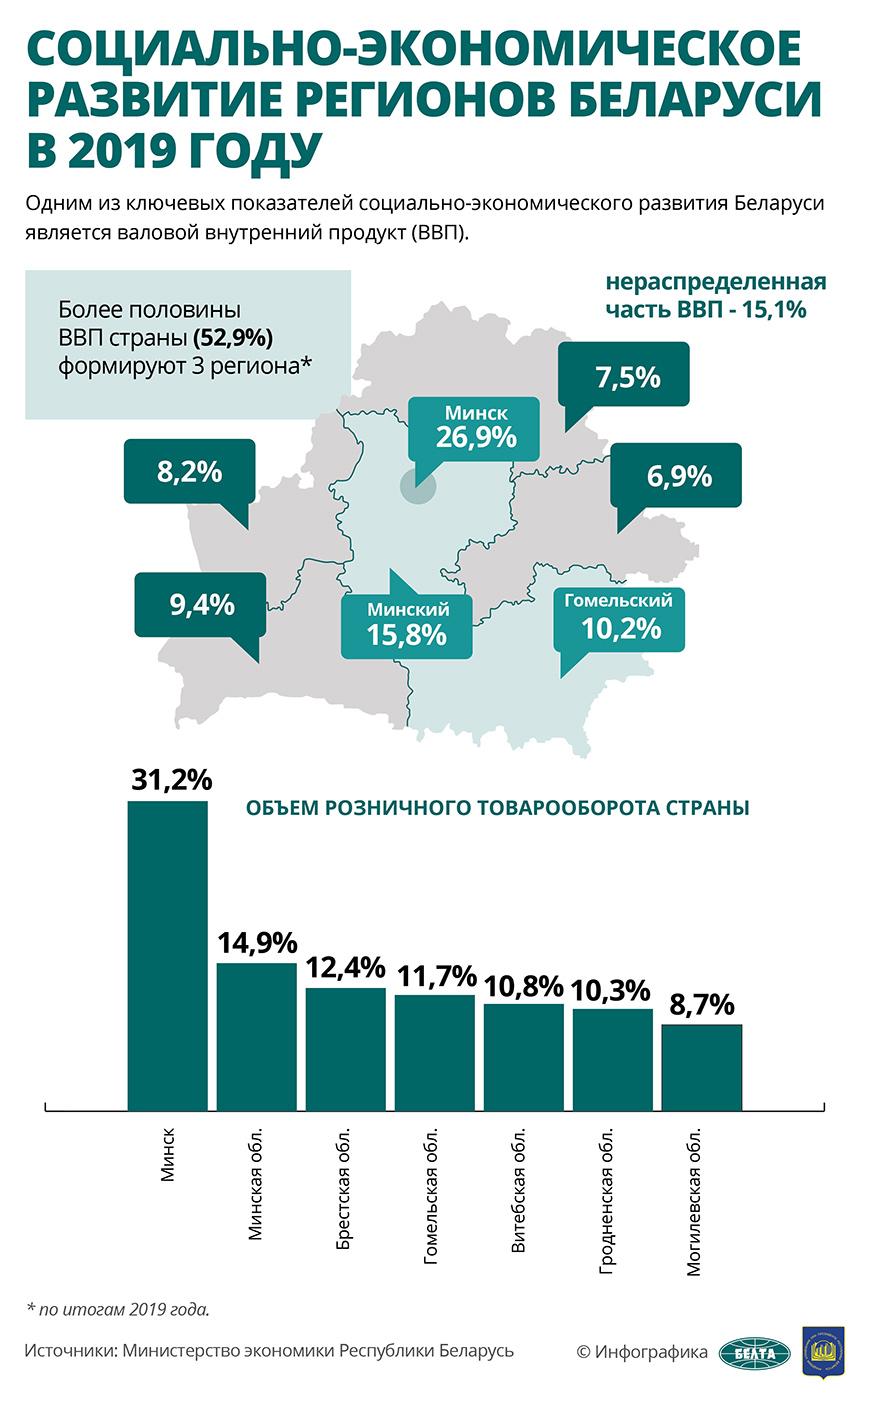 Социально-экономическое развитие регионов Беларуси в 2019 году